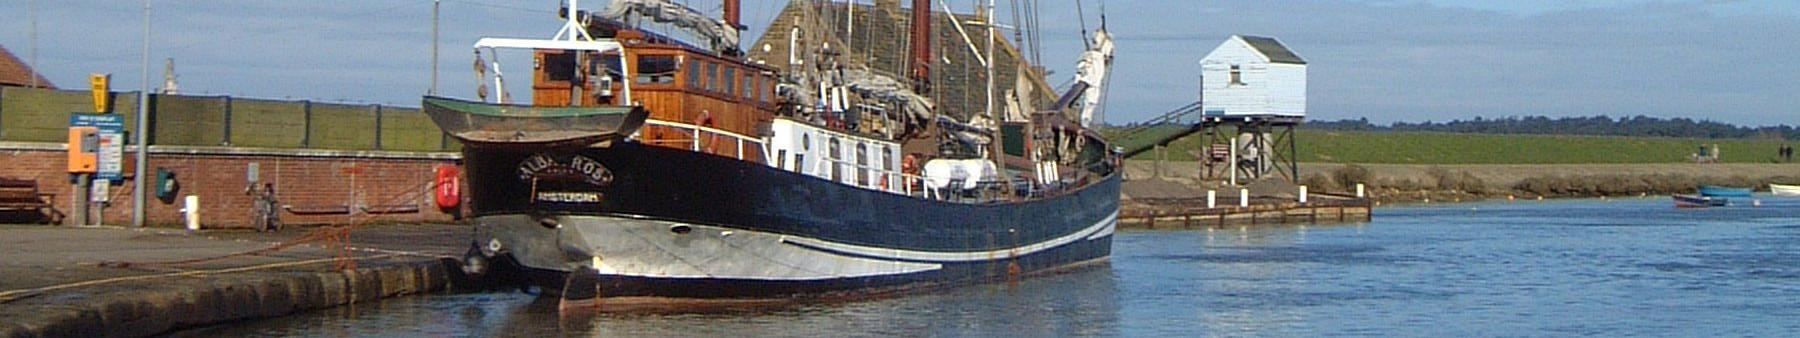 Wells+Harbour+006.jpg